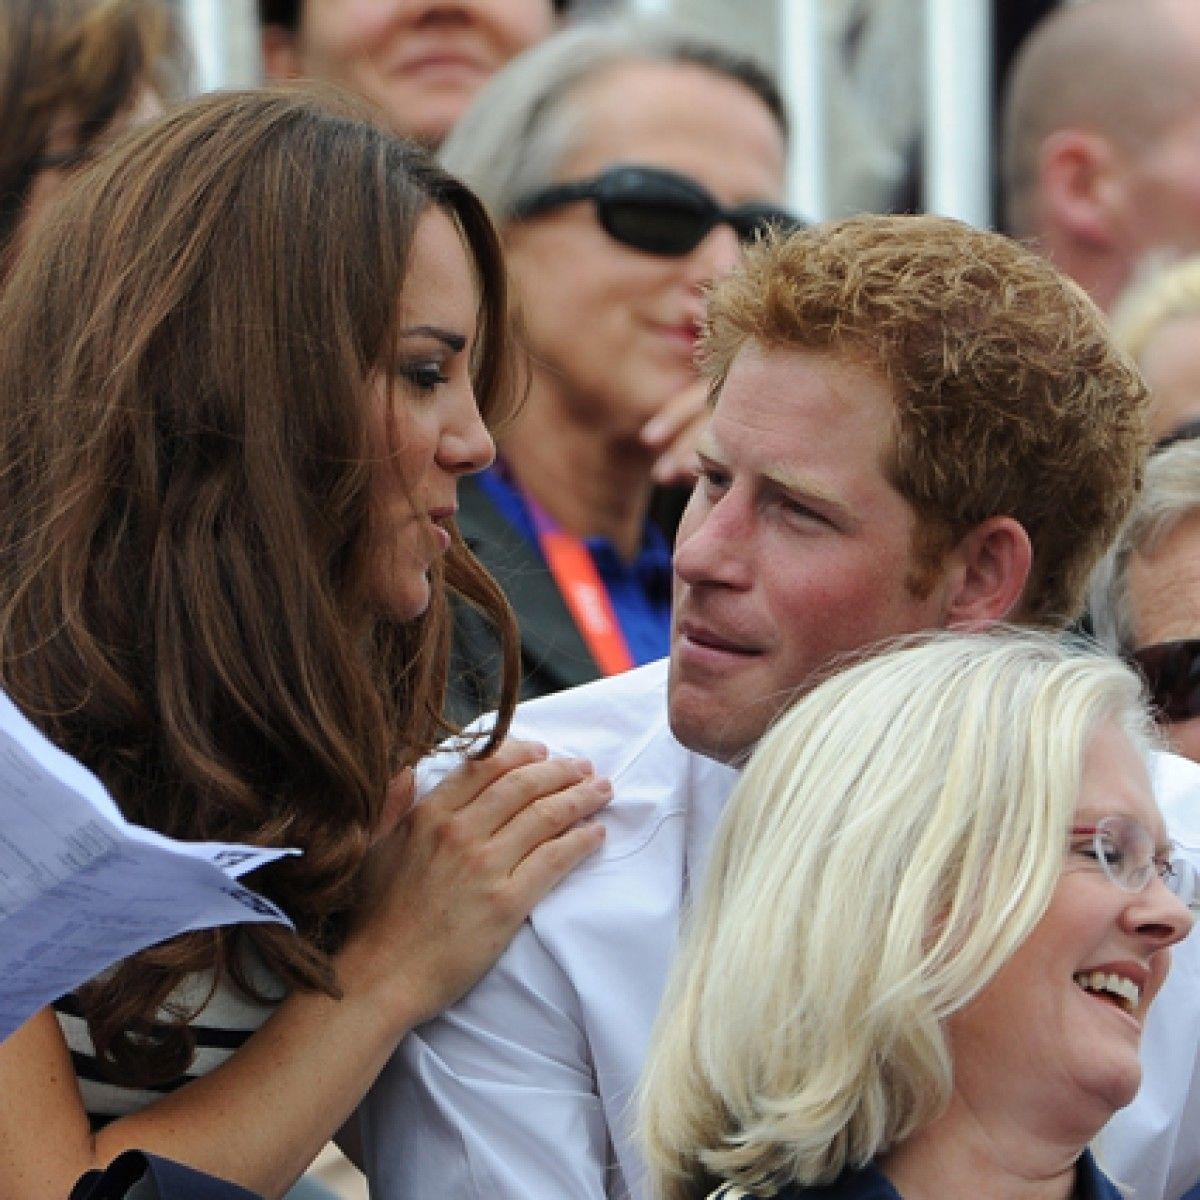 Kate Middleton Y El Príncipe Enrique Más Que Cuñados Amigos En 2020 Kate Middleton Príncipe Enrique Princesas